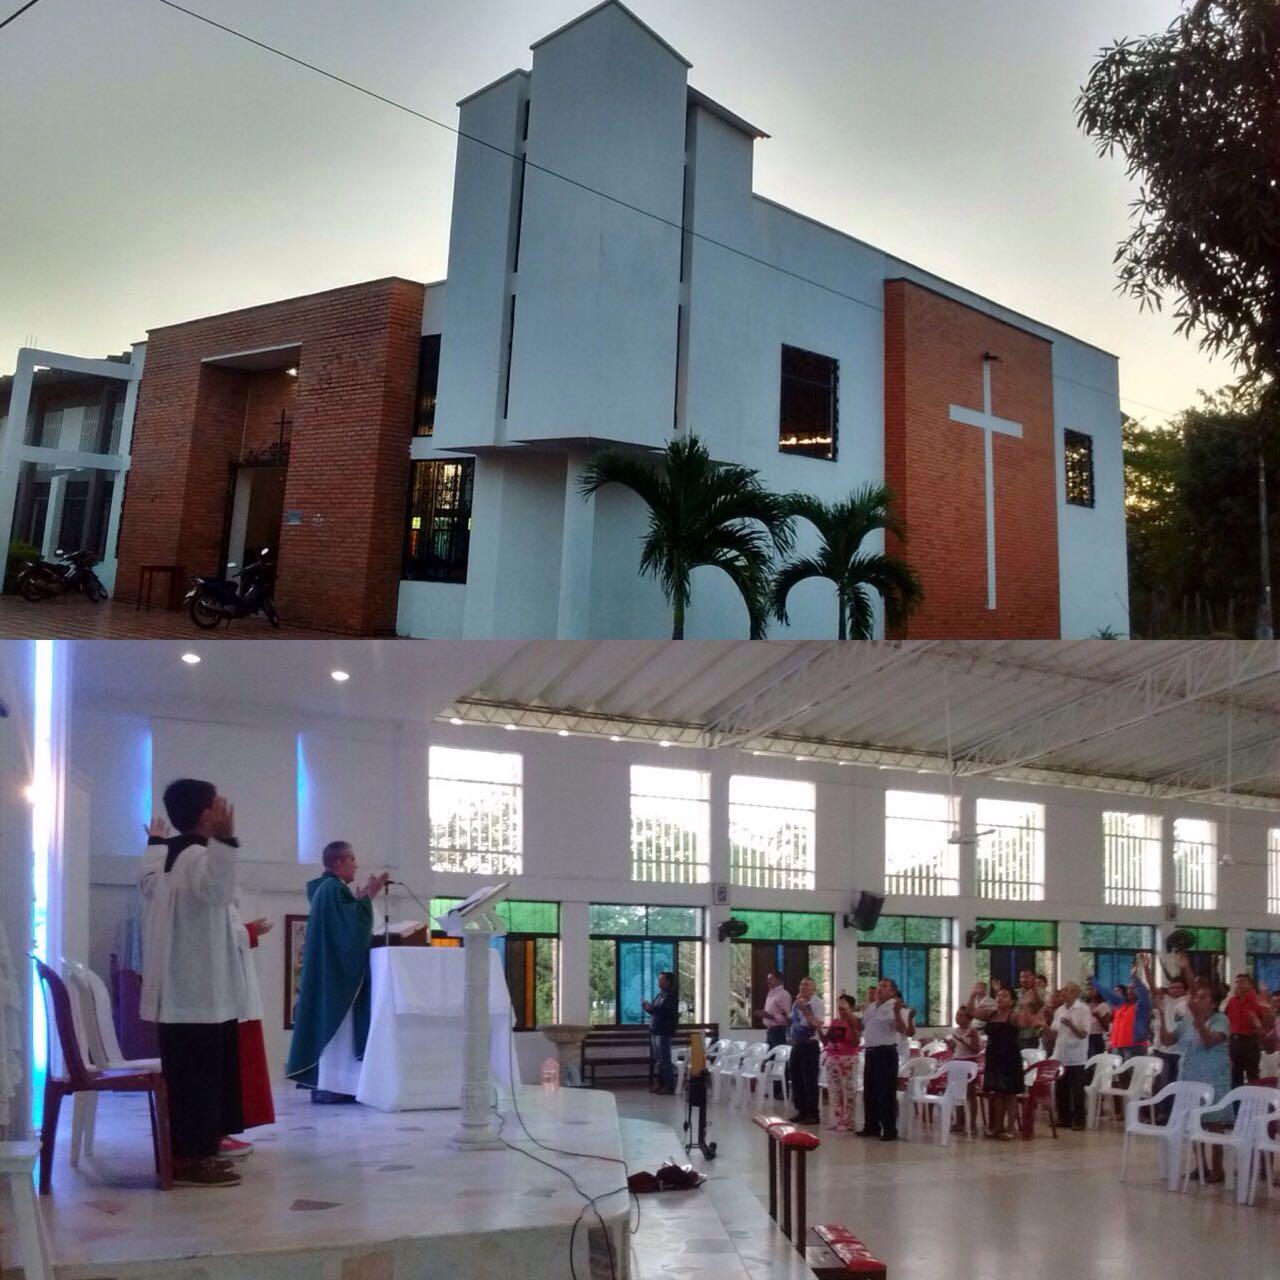 En directo la santa misa con el sacerdote Braulio Bohórquez Parroquia el espíritu santo Calle 29 31A40 barrio Villa benilda Yopal